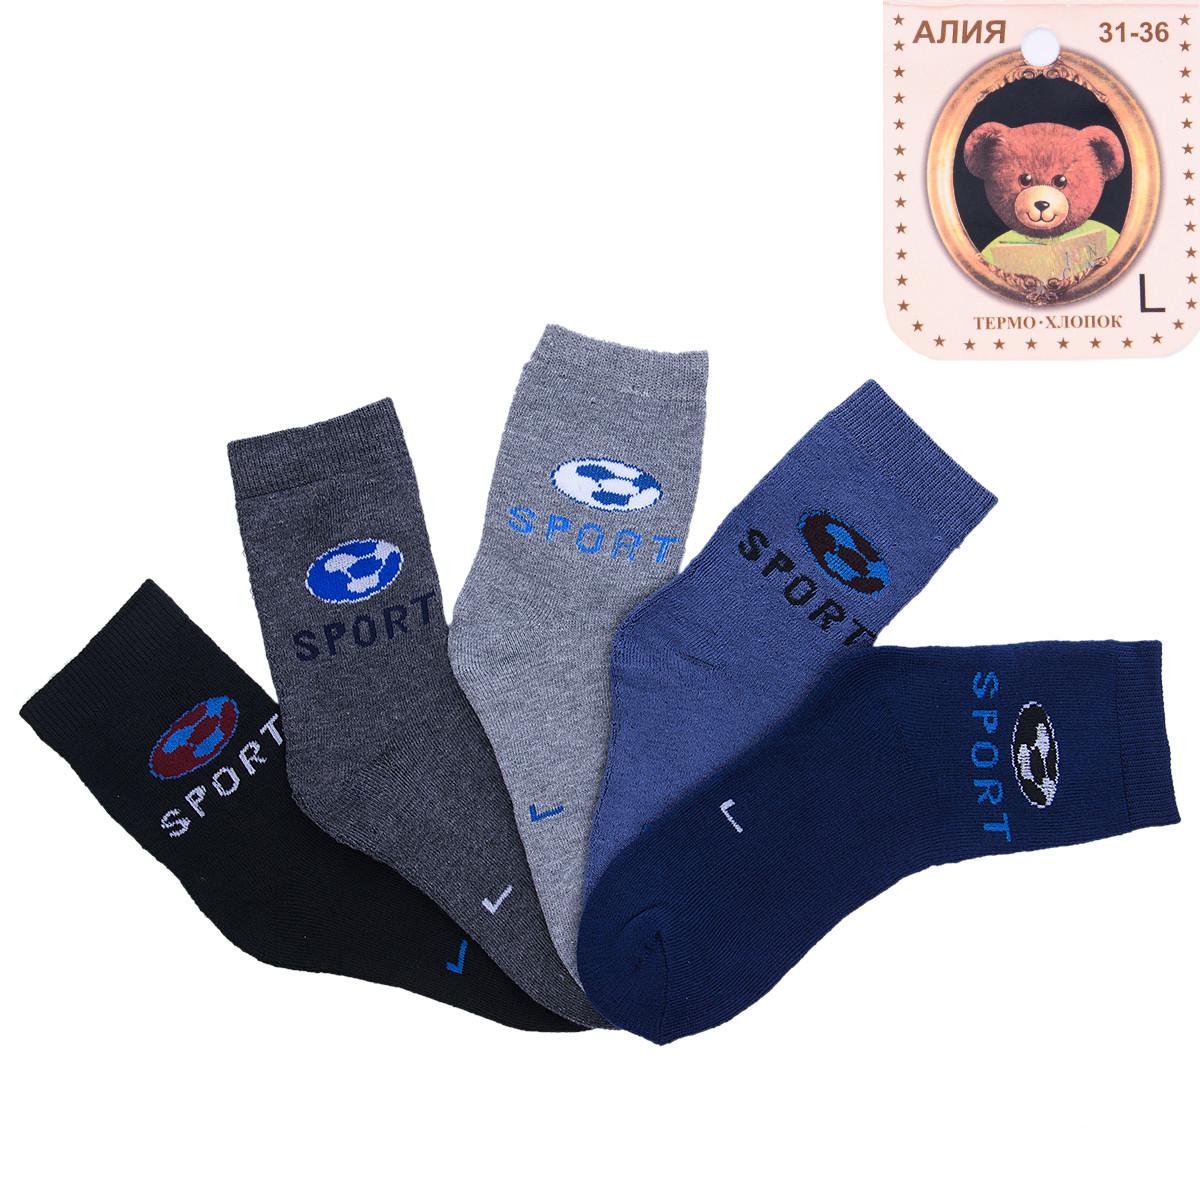 Носки детские махровые для мальчика с узором Спорт Алия C101-6